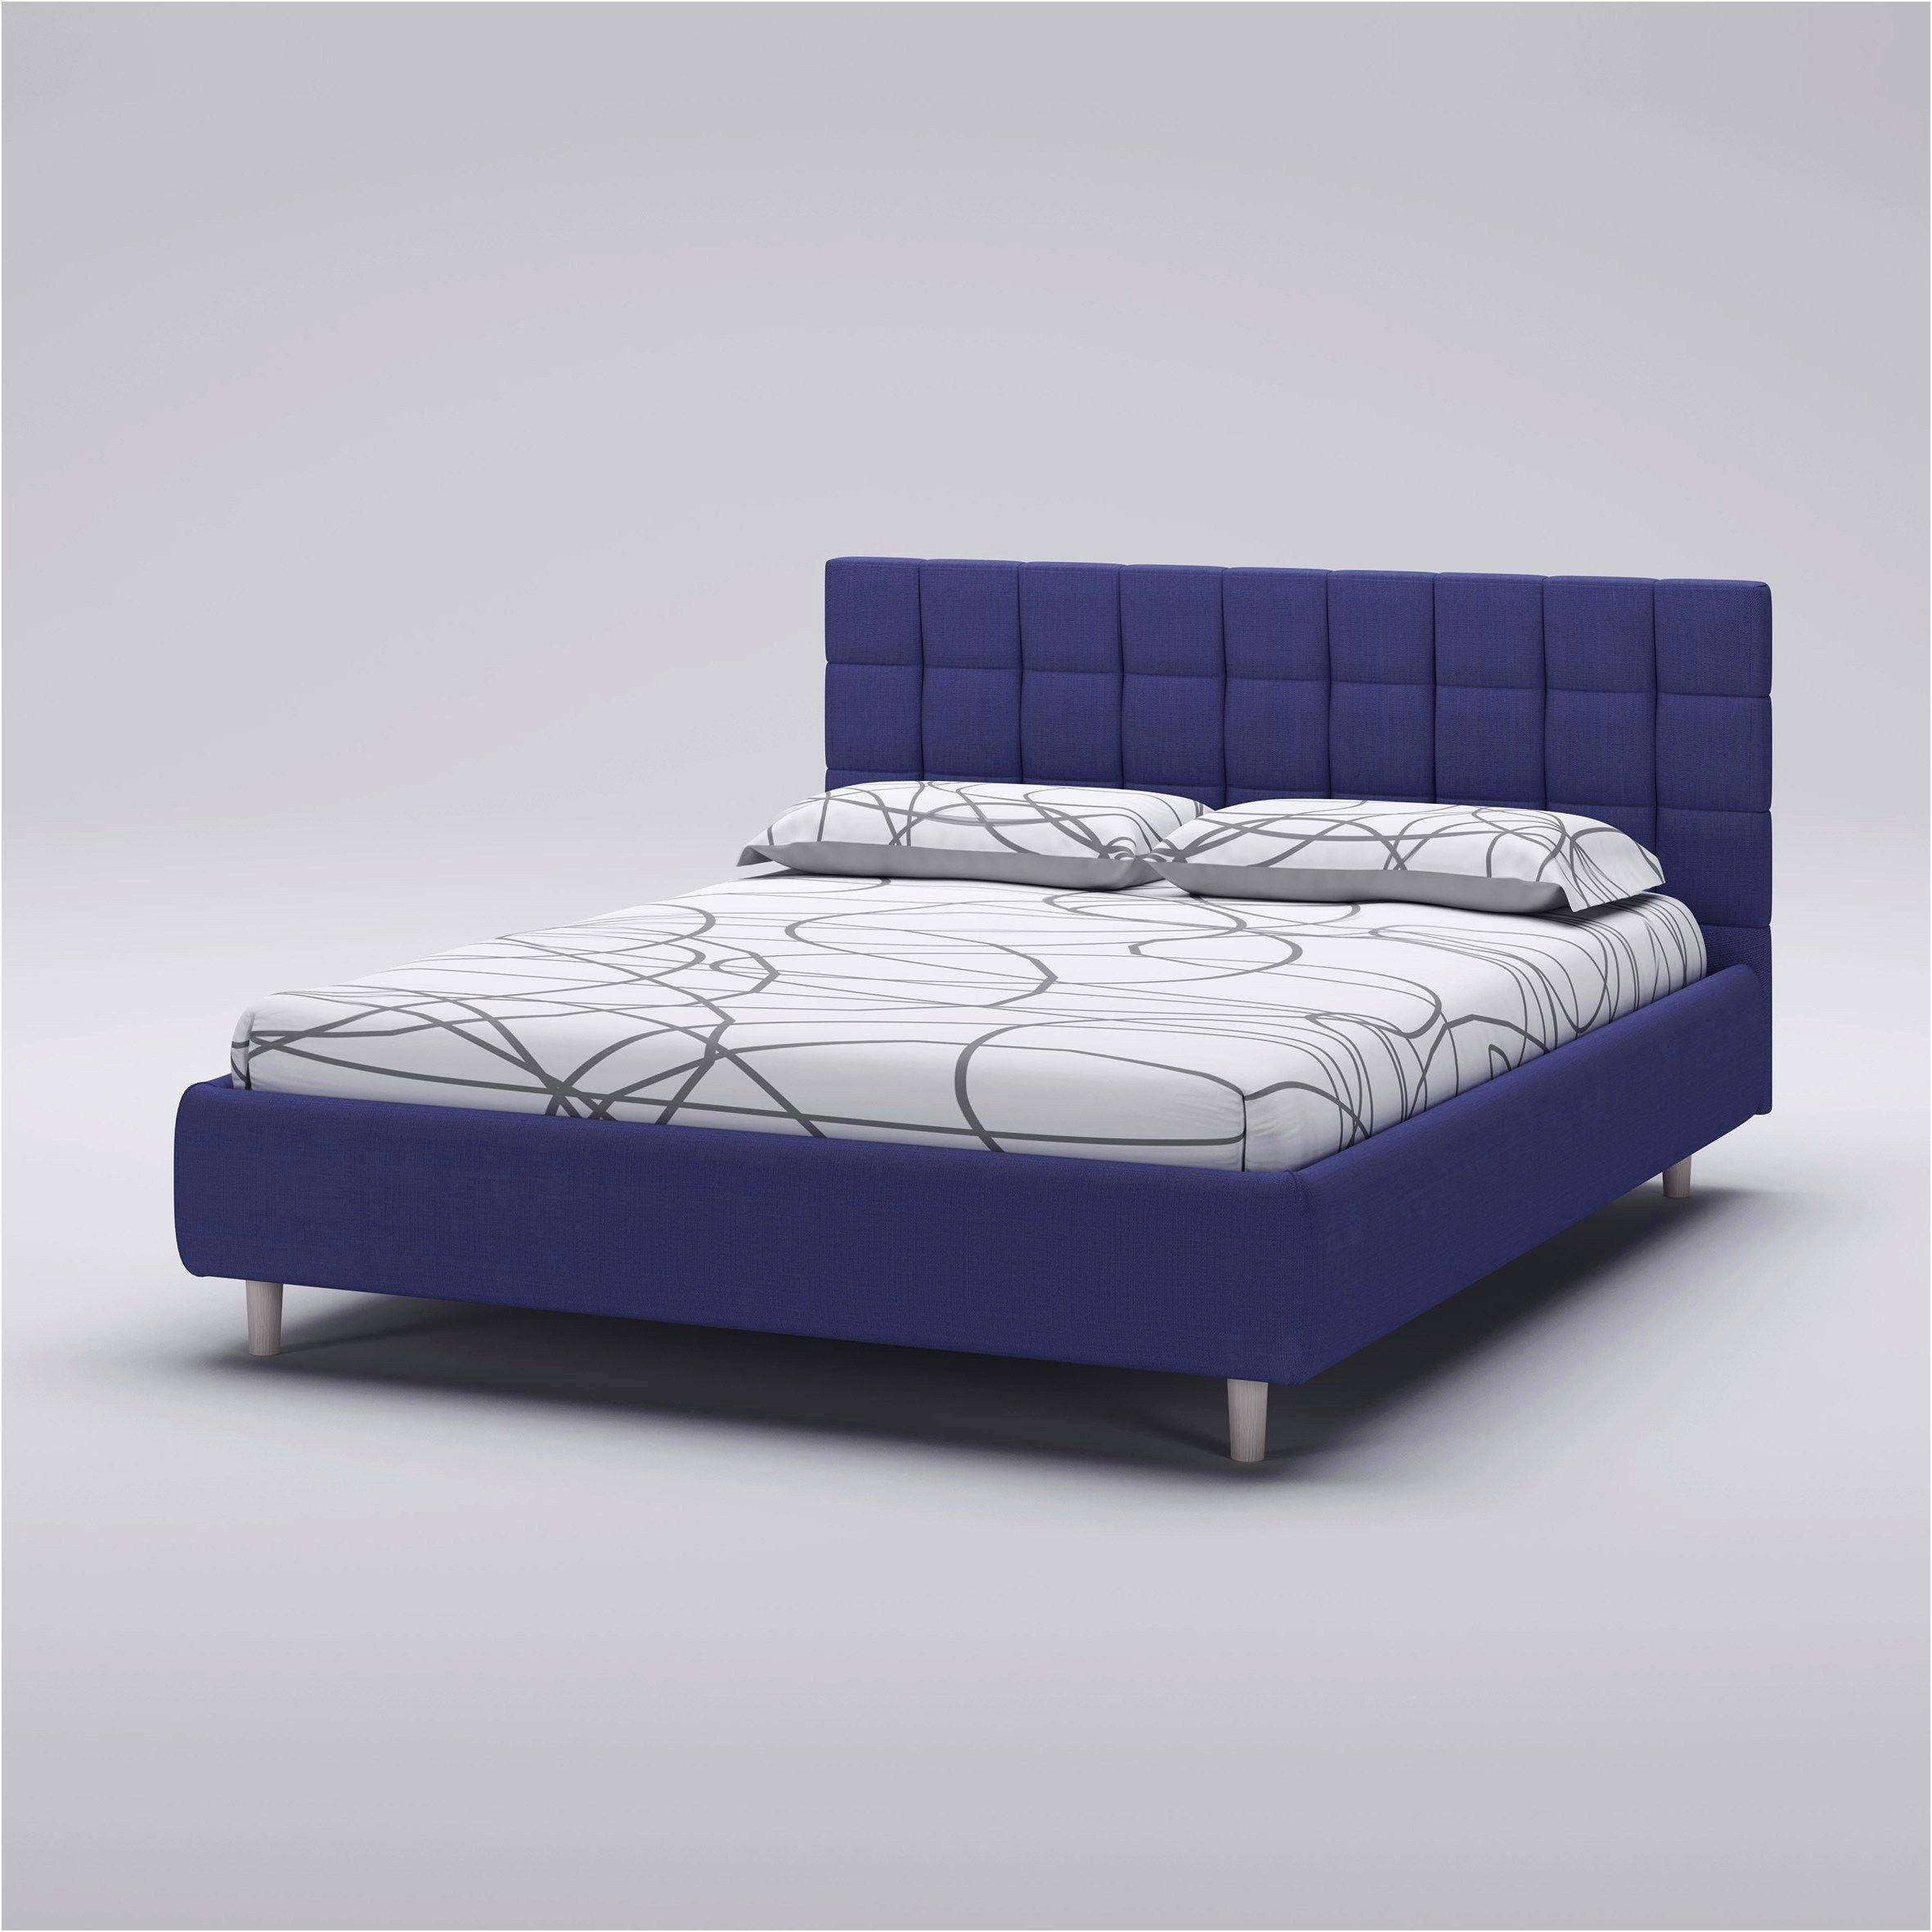 Tete De Lit Avec Chevet Intégré Ikea Luxe Lit 2 Places Avec Rangement